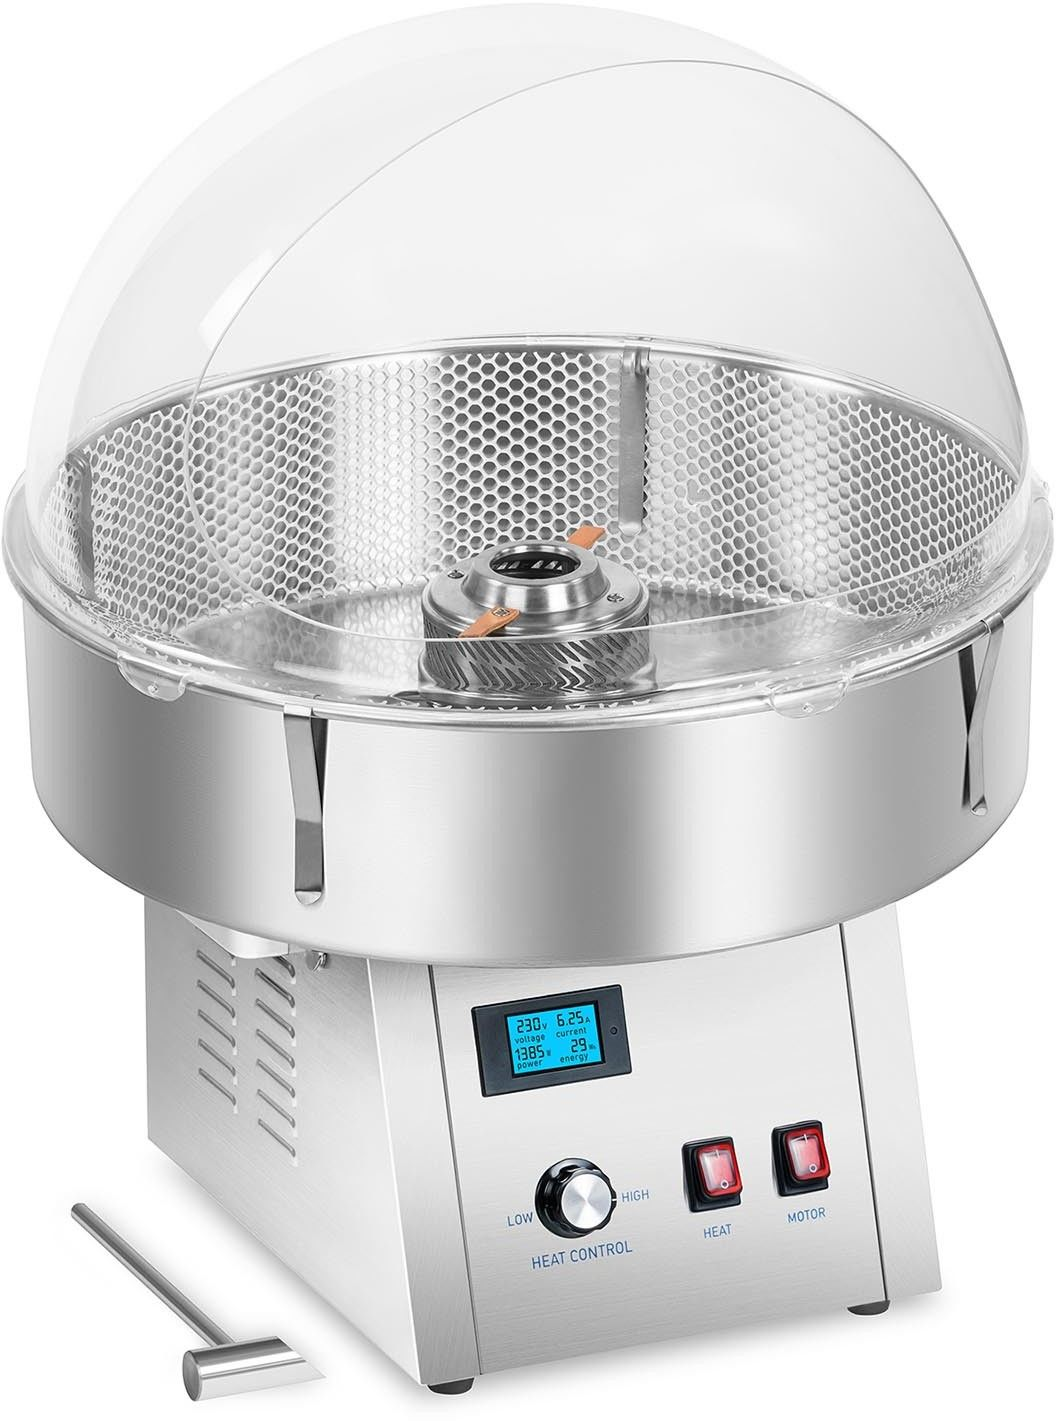 Maszyna do waty cukrowej - 62 cm - LCD - amortyzacja drgań - Royal Catering - RCZK-1500S-W - 3 lata gwarancji/wysyłka w 24h